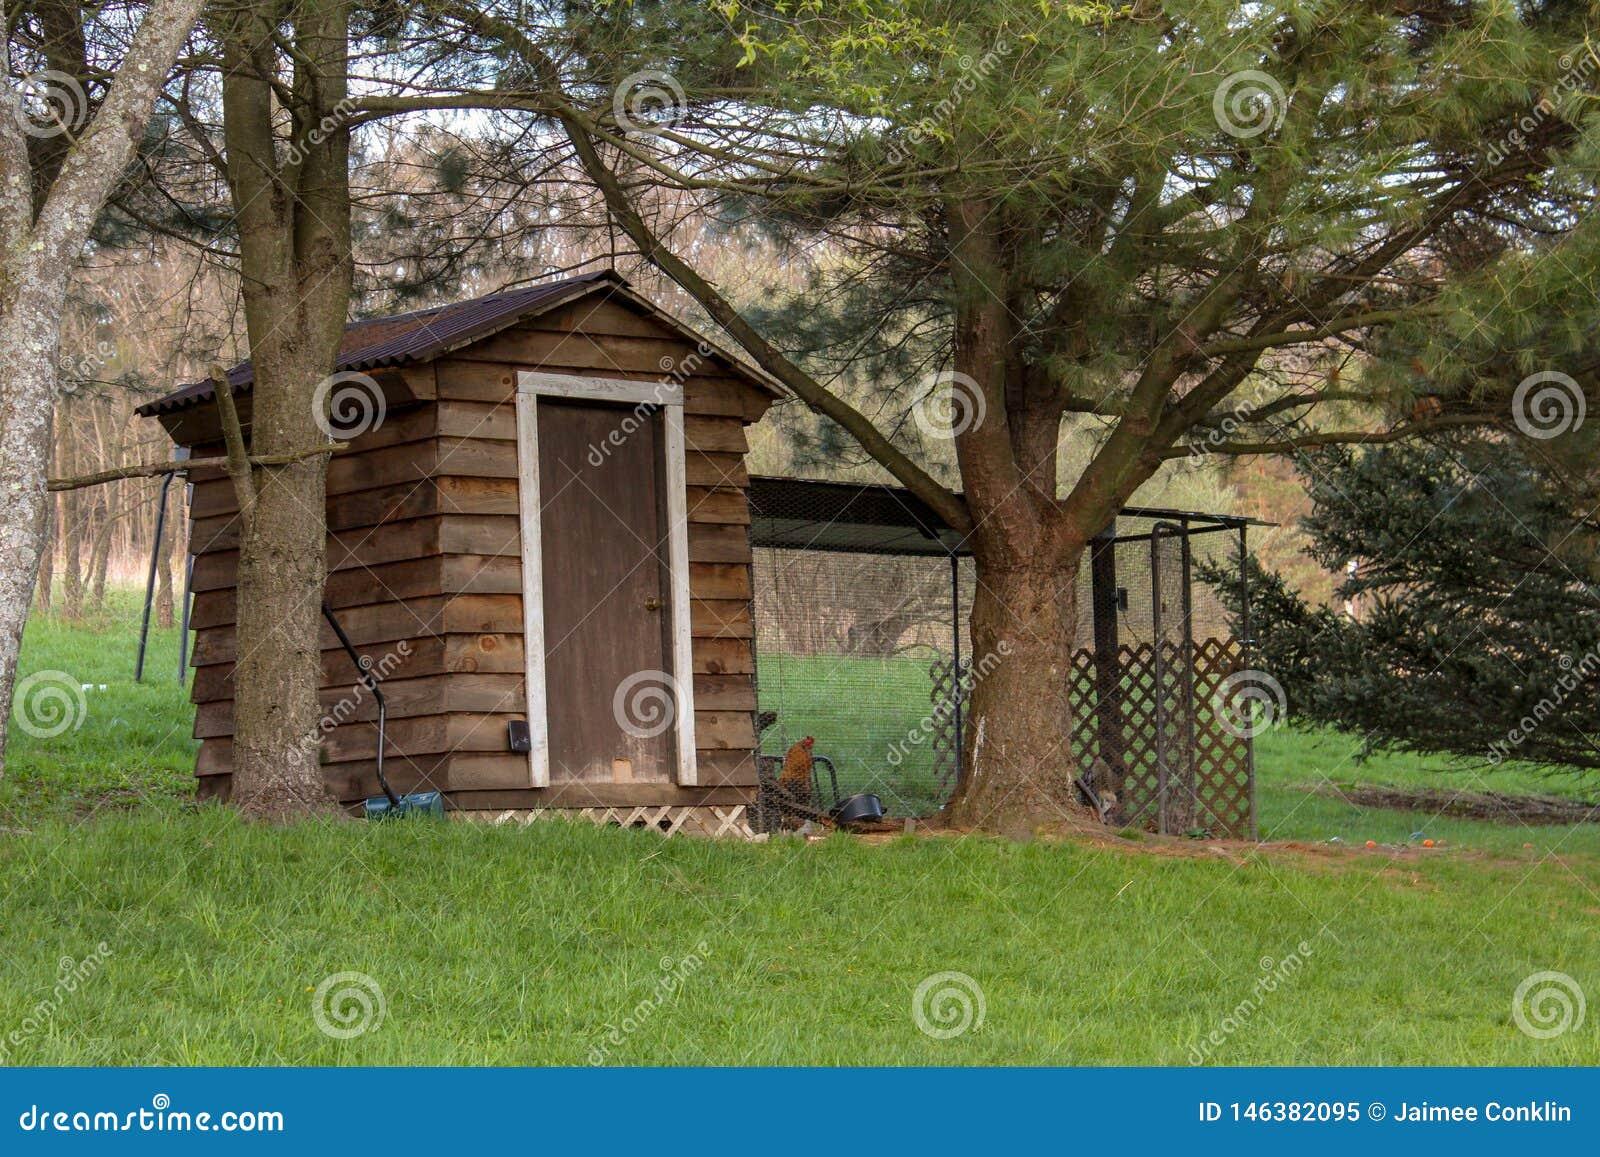 Holzerner Huhnerstall Im Landlichen Hinterhof Mit Zaun